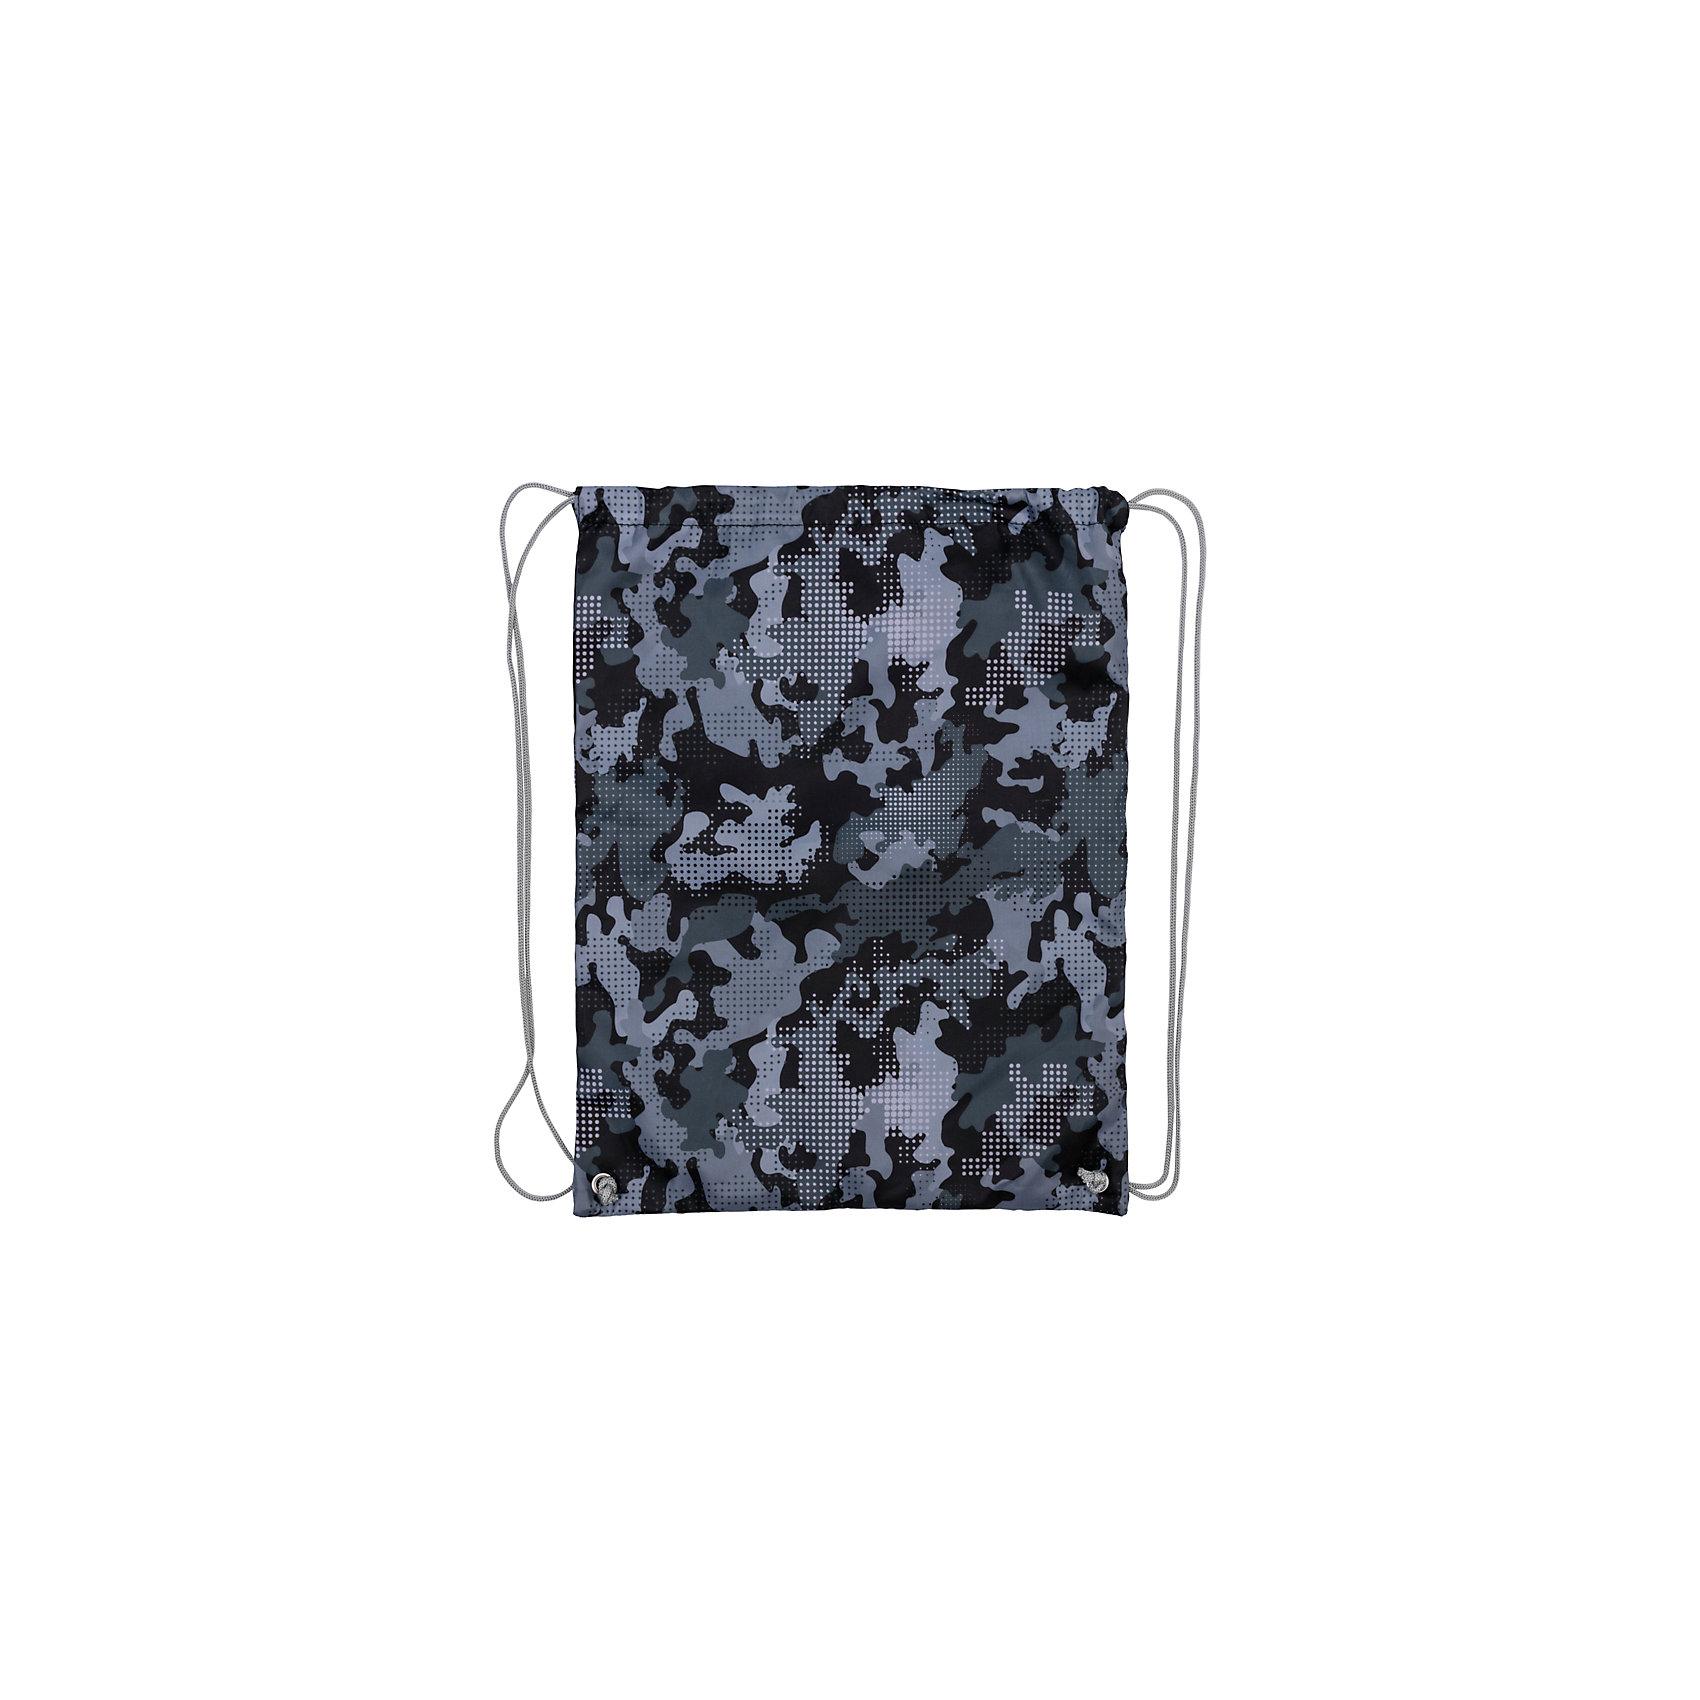 Сумка для мальчика PlayTodayСумка для мальчика от известного бренда PlayToday.<br>Школьный рюкзак, очень лёгкий и прочный. Два отделения, удобные молнии. Достаточно объемный на учеников младших классов.<br>Состав:<br>Верх: 100% полиэстер<br><br>Ширина мм: 227<br>Глубина мм: 11<br>Высота мм: 226<br>Вес г: 350<br>Цвет: разноцветный<br>Возраст от месяцев: 36<br>Возраст до месяцев: 144<br>Пол: Мужской<br>Возраст: Детский<br>Размер: one size<br>SKU: 4897481